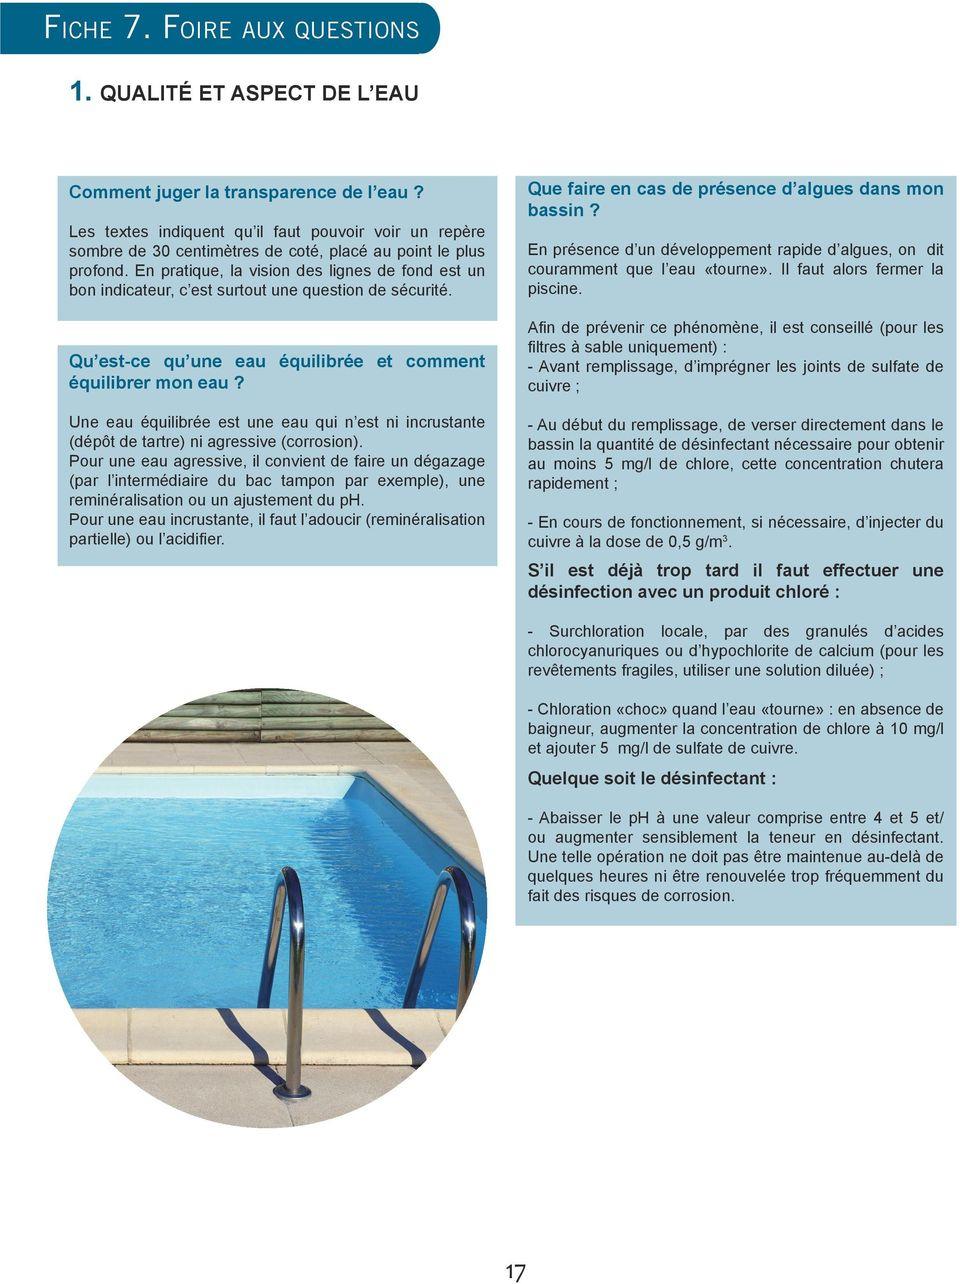 Guide Pratique De L Autosurveillance Des Piscines - Pdf ... intérieur Sulfate De Cuivre Piscine